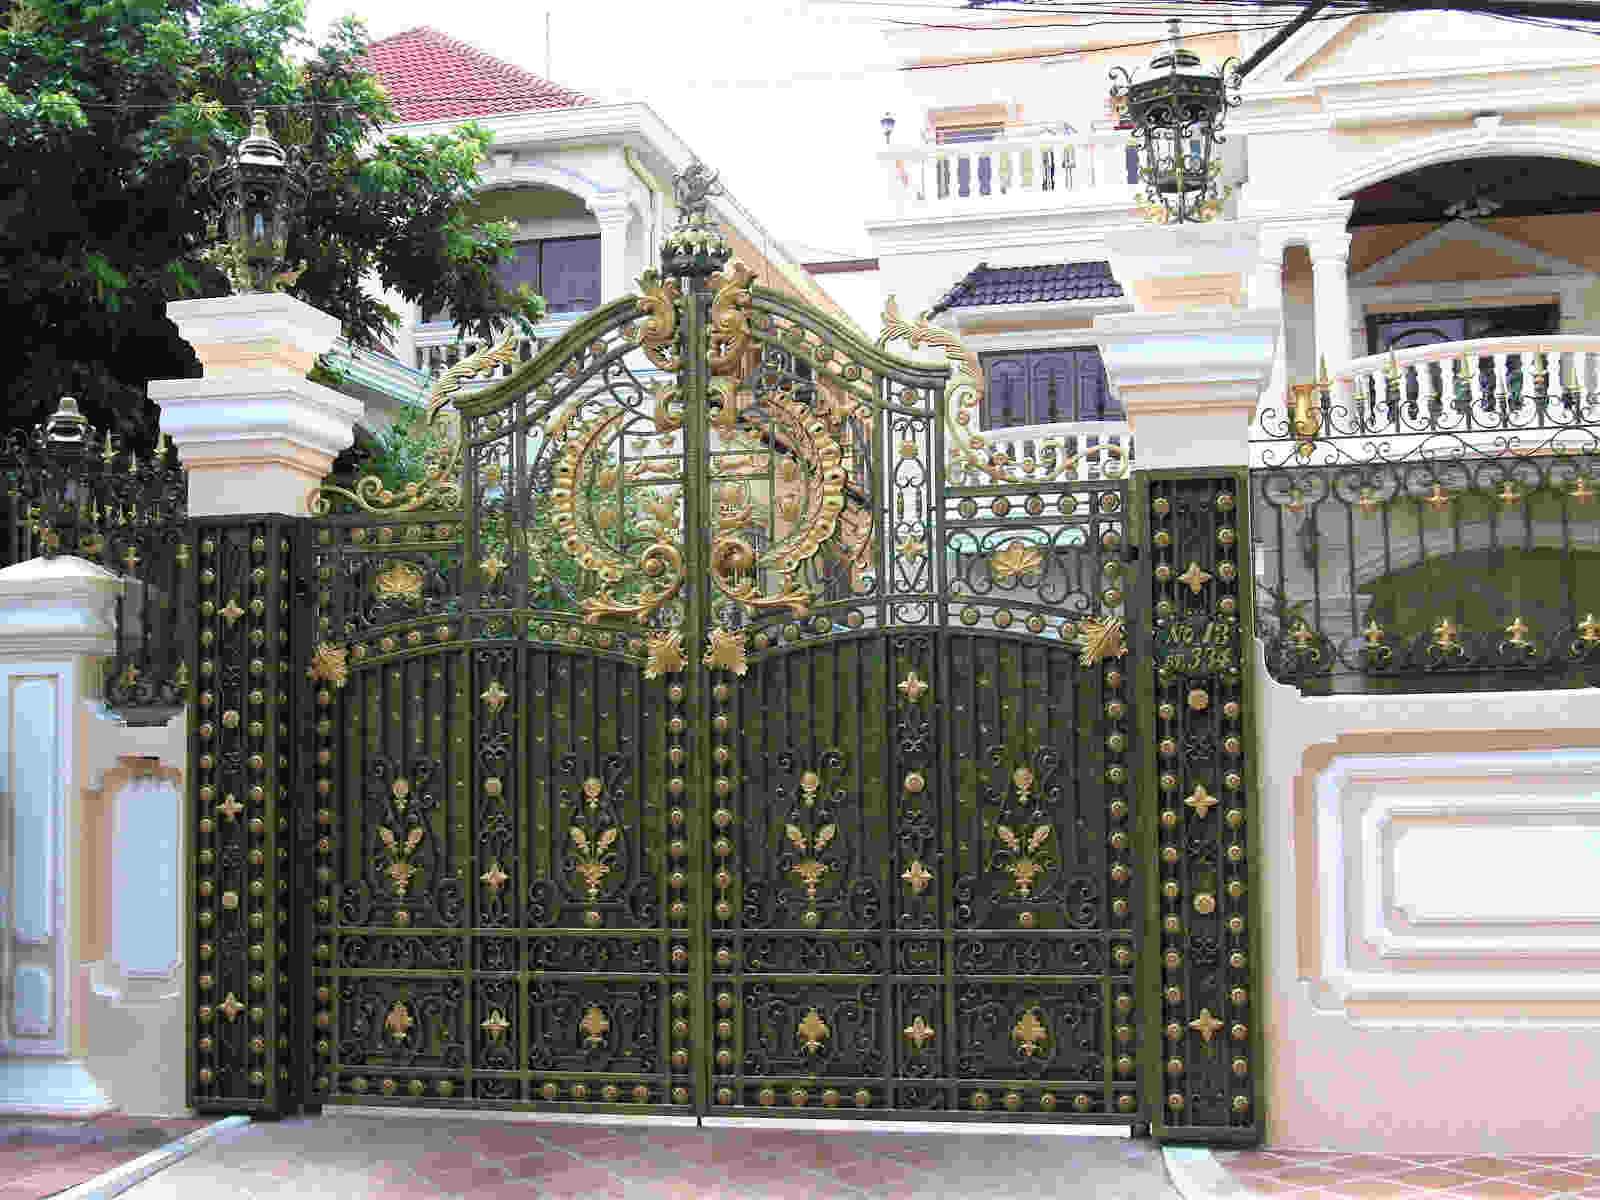 Đây được xem là lựa chọn hàng đầu của gia chủ về cổng nhà phố dành cho thiết kế nhà ống đẹp